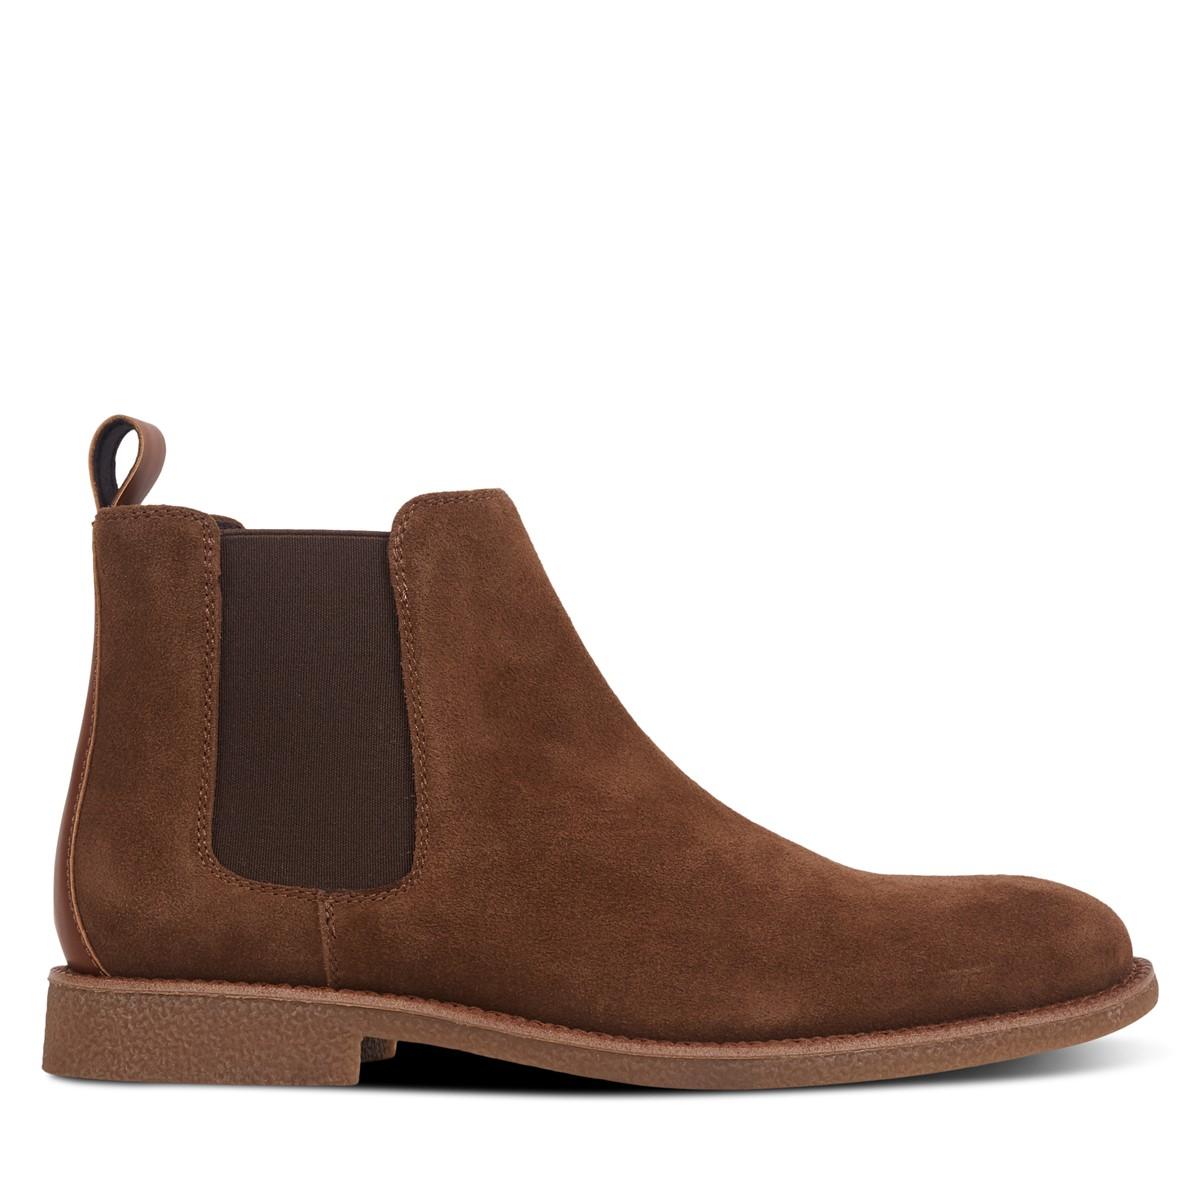 Men's Ellio Chelsea Boots in Brown